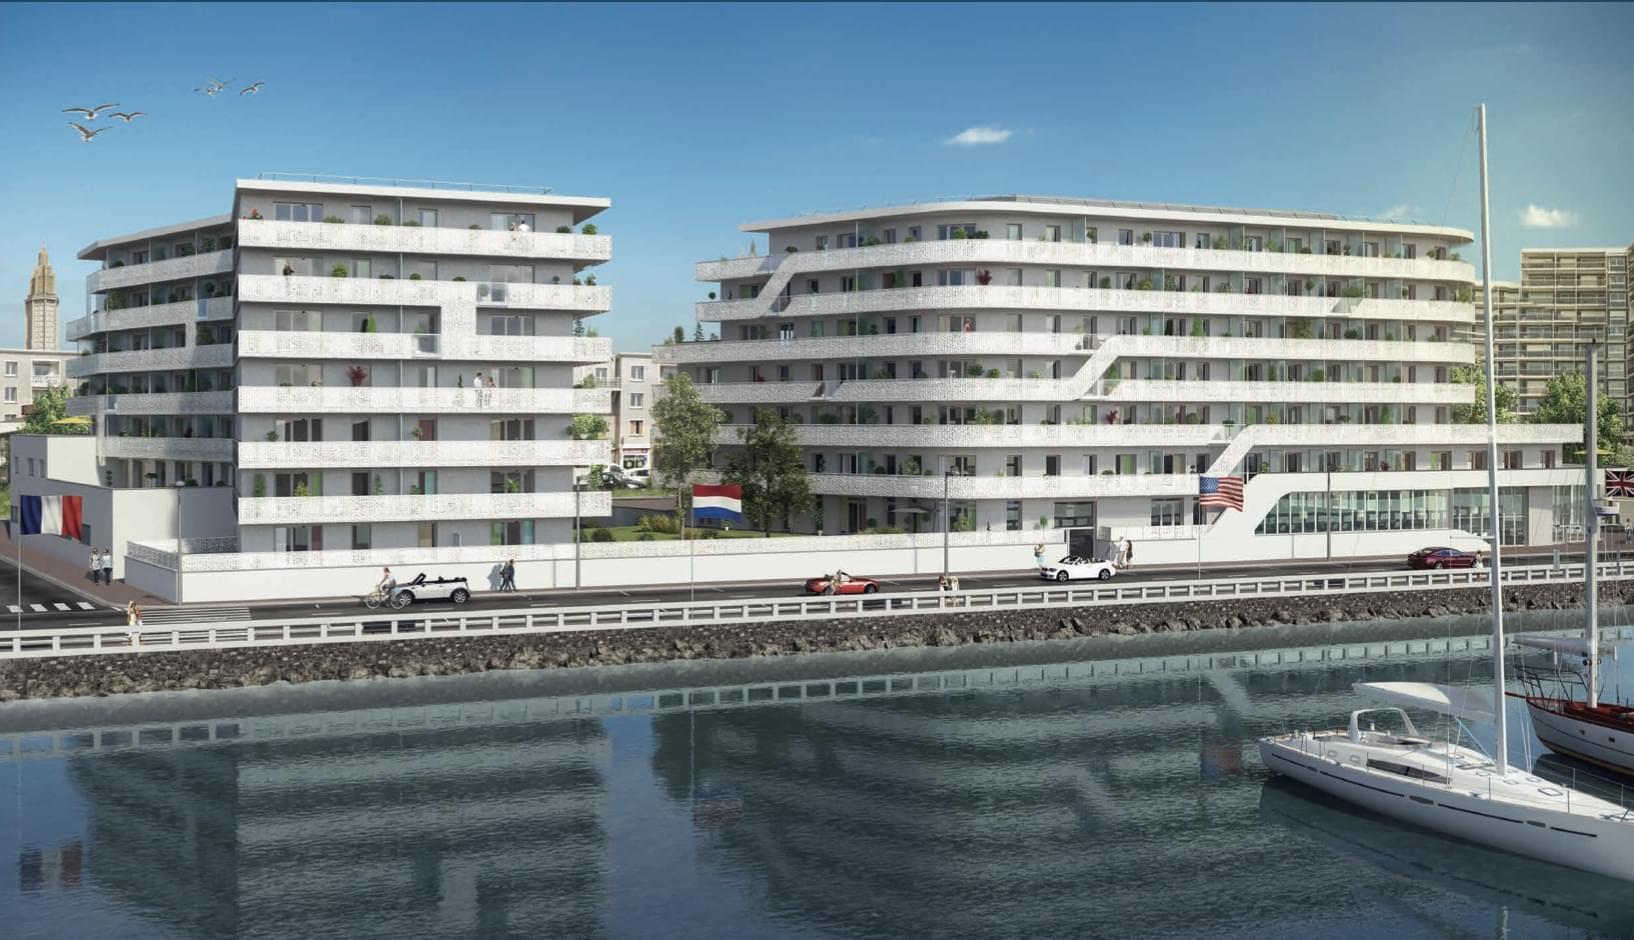 immobilier prestige Le Havre Prêt à taux zéro (PTZ+)  quartier Port de plaisance